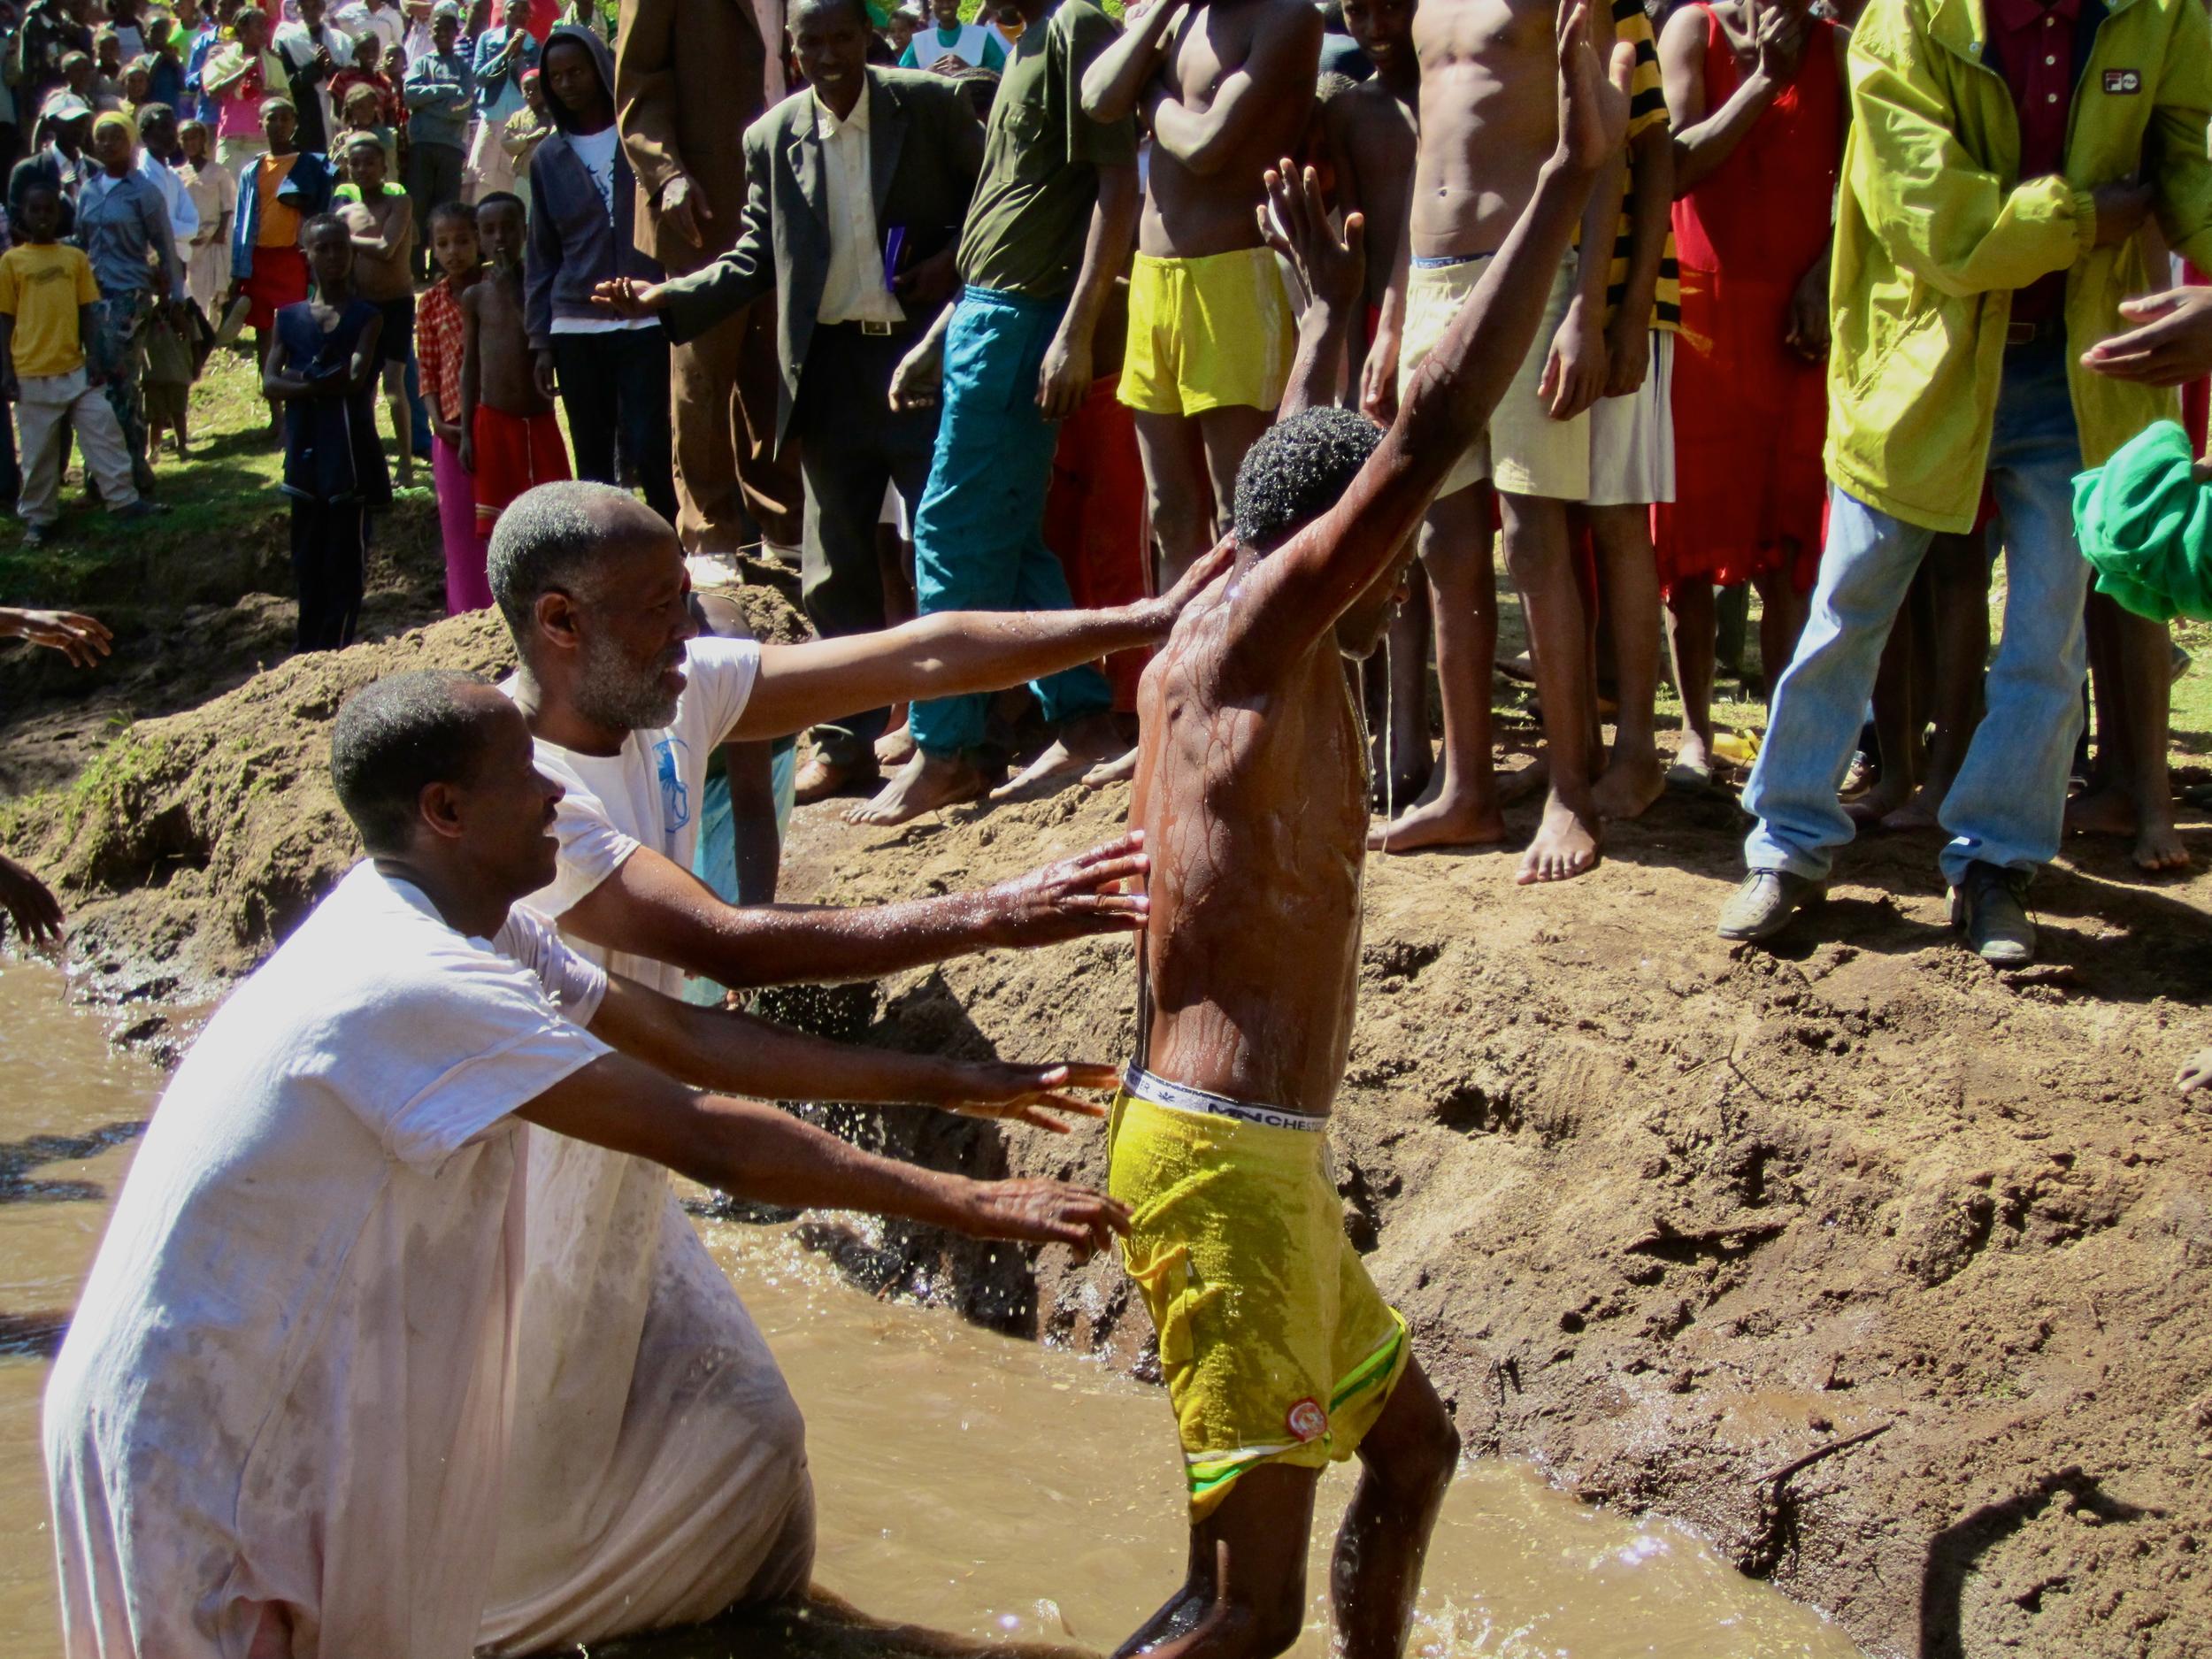 Baptism in Ethiopia